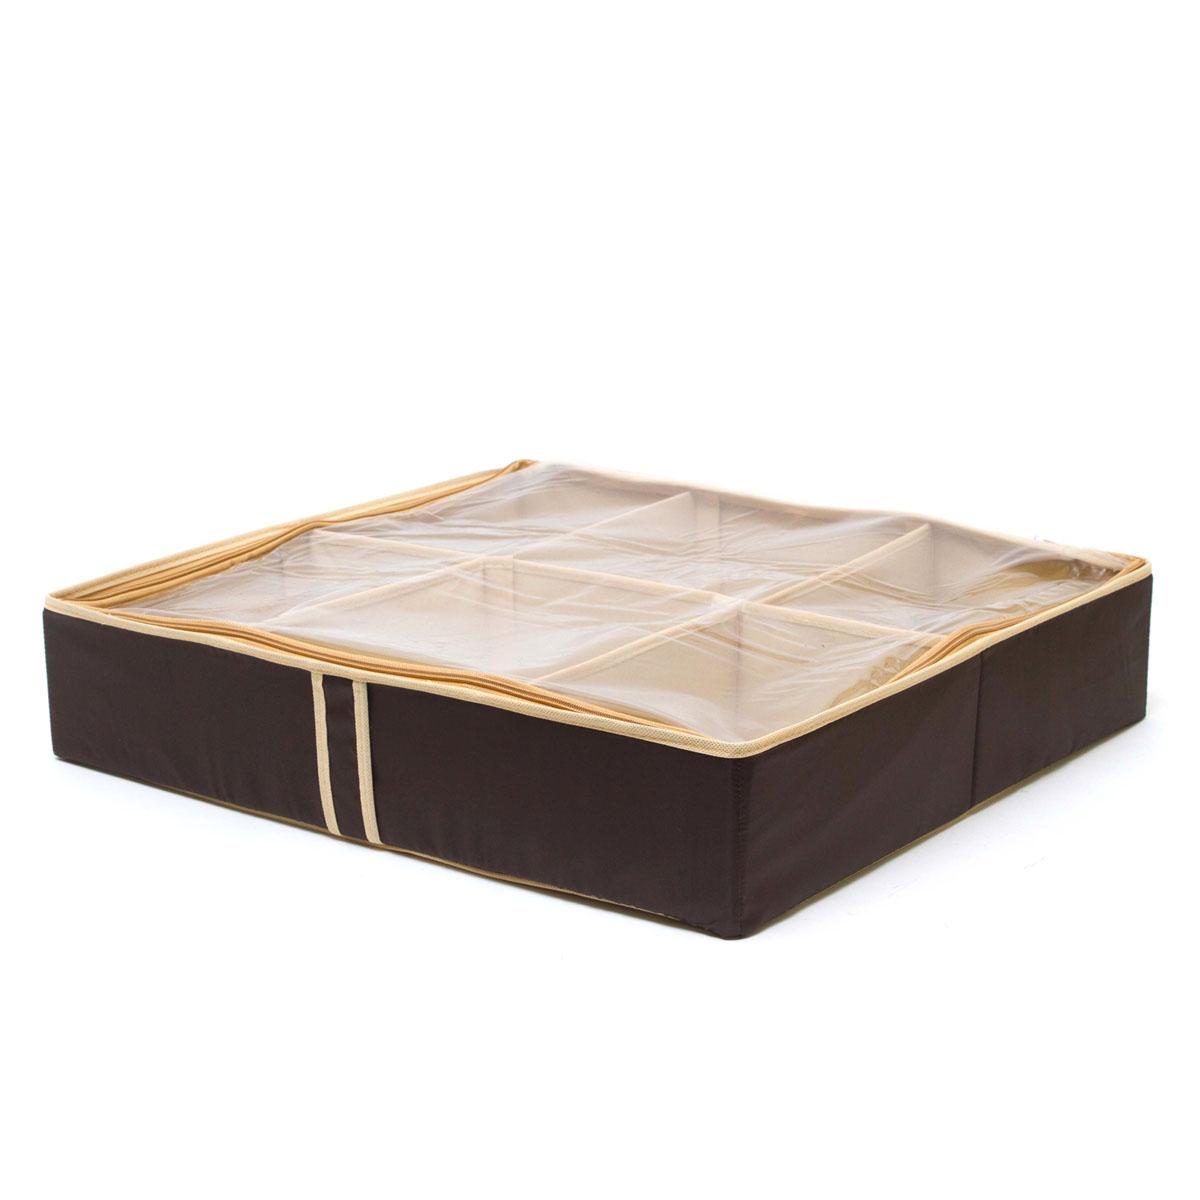 Органайзер для хранения обуви Homsu Costa-Rica, 6 секций, 56 х 52 х 12 смUP210DFКомпактный складной органайзер Homsu Costa-Rica изготовлен из высококачественного полиэстера, который обеспечивает естественную вентиляцию. Материал позволяет воздуху свободно проникать внутрь, но не пропускает пыль. Органайзер отлично держит форму, благодаря вставкам из плотного картона. Изделие имеет 6 секций для хранения обуви.Такой органайзер позволит вам хранить вещи компактно и удобно. Размер секции: 10 х 7 см.